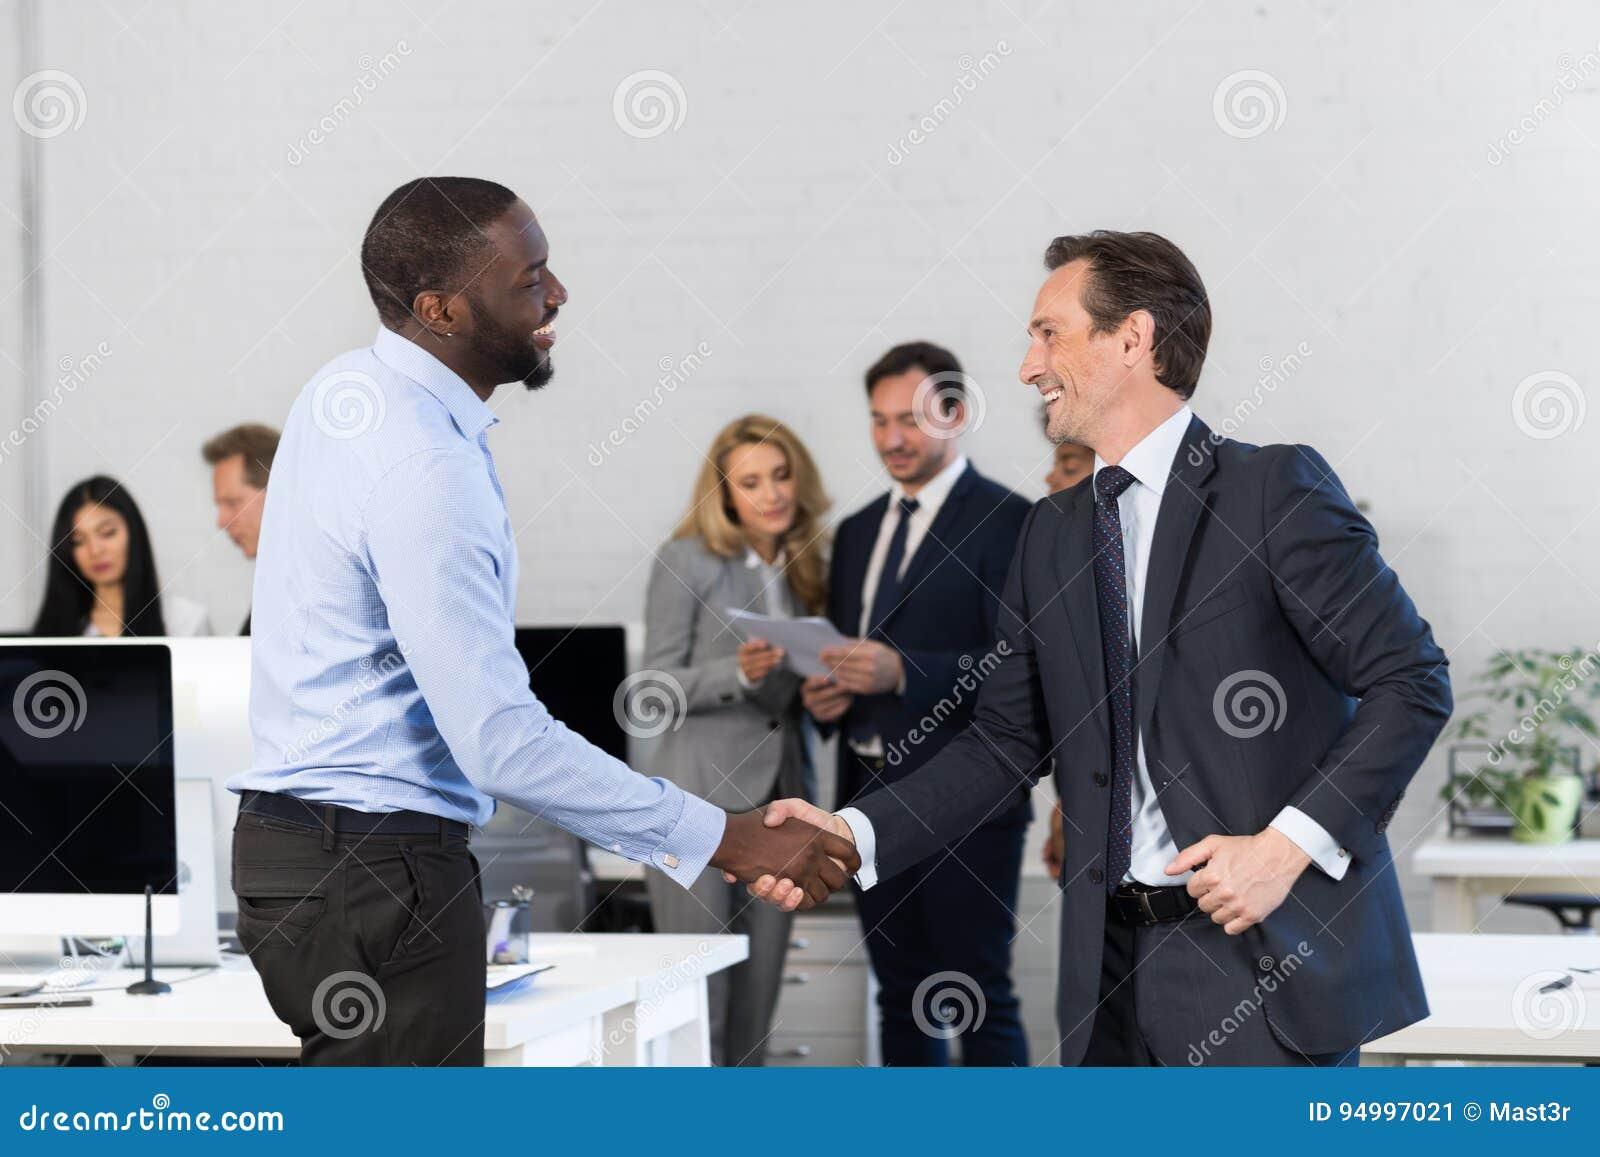 Poignée de main, hommes d affaires se serrant la main au cours de la réunion, accord en Front Of Business People Discussion de co